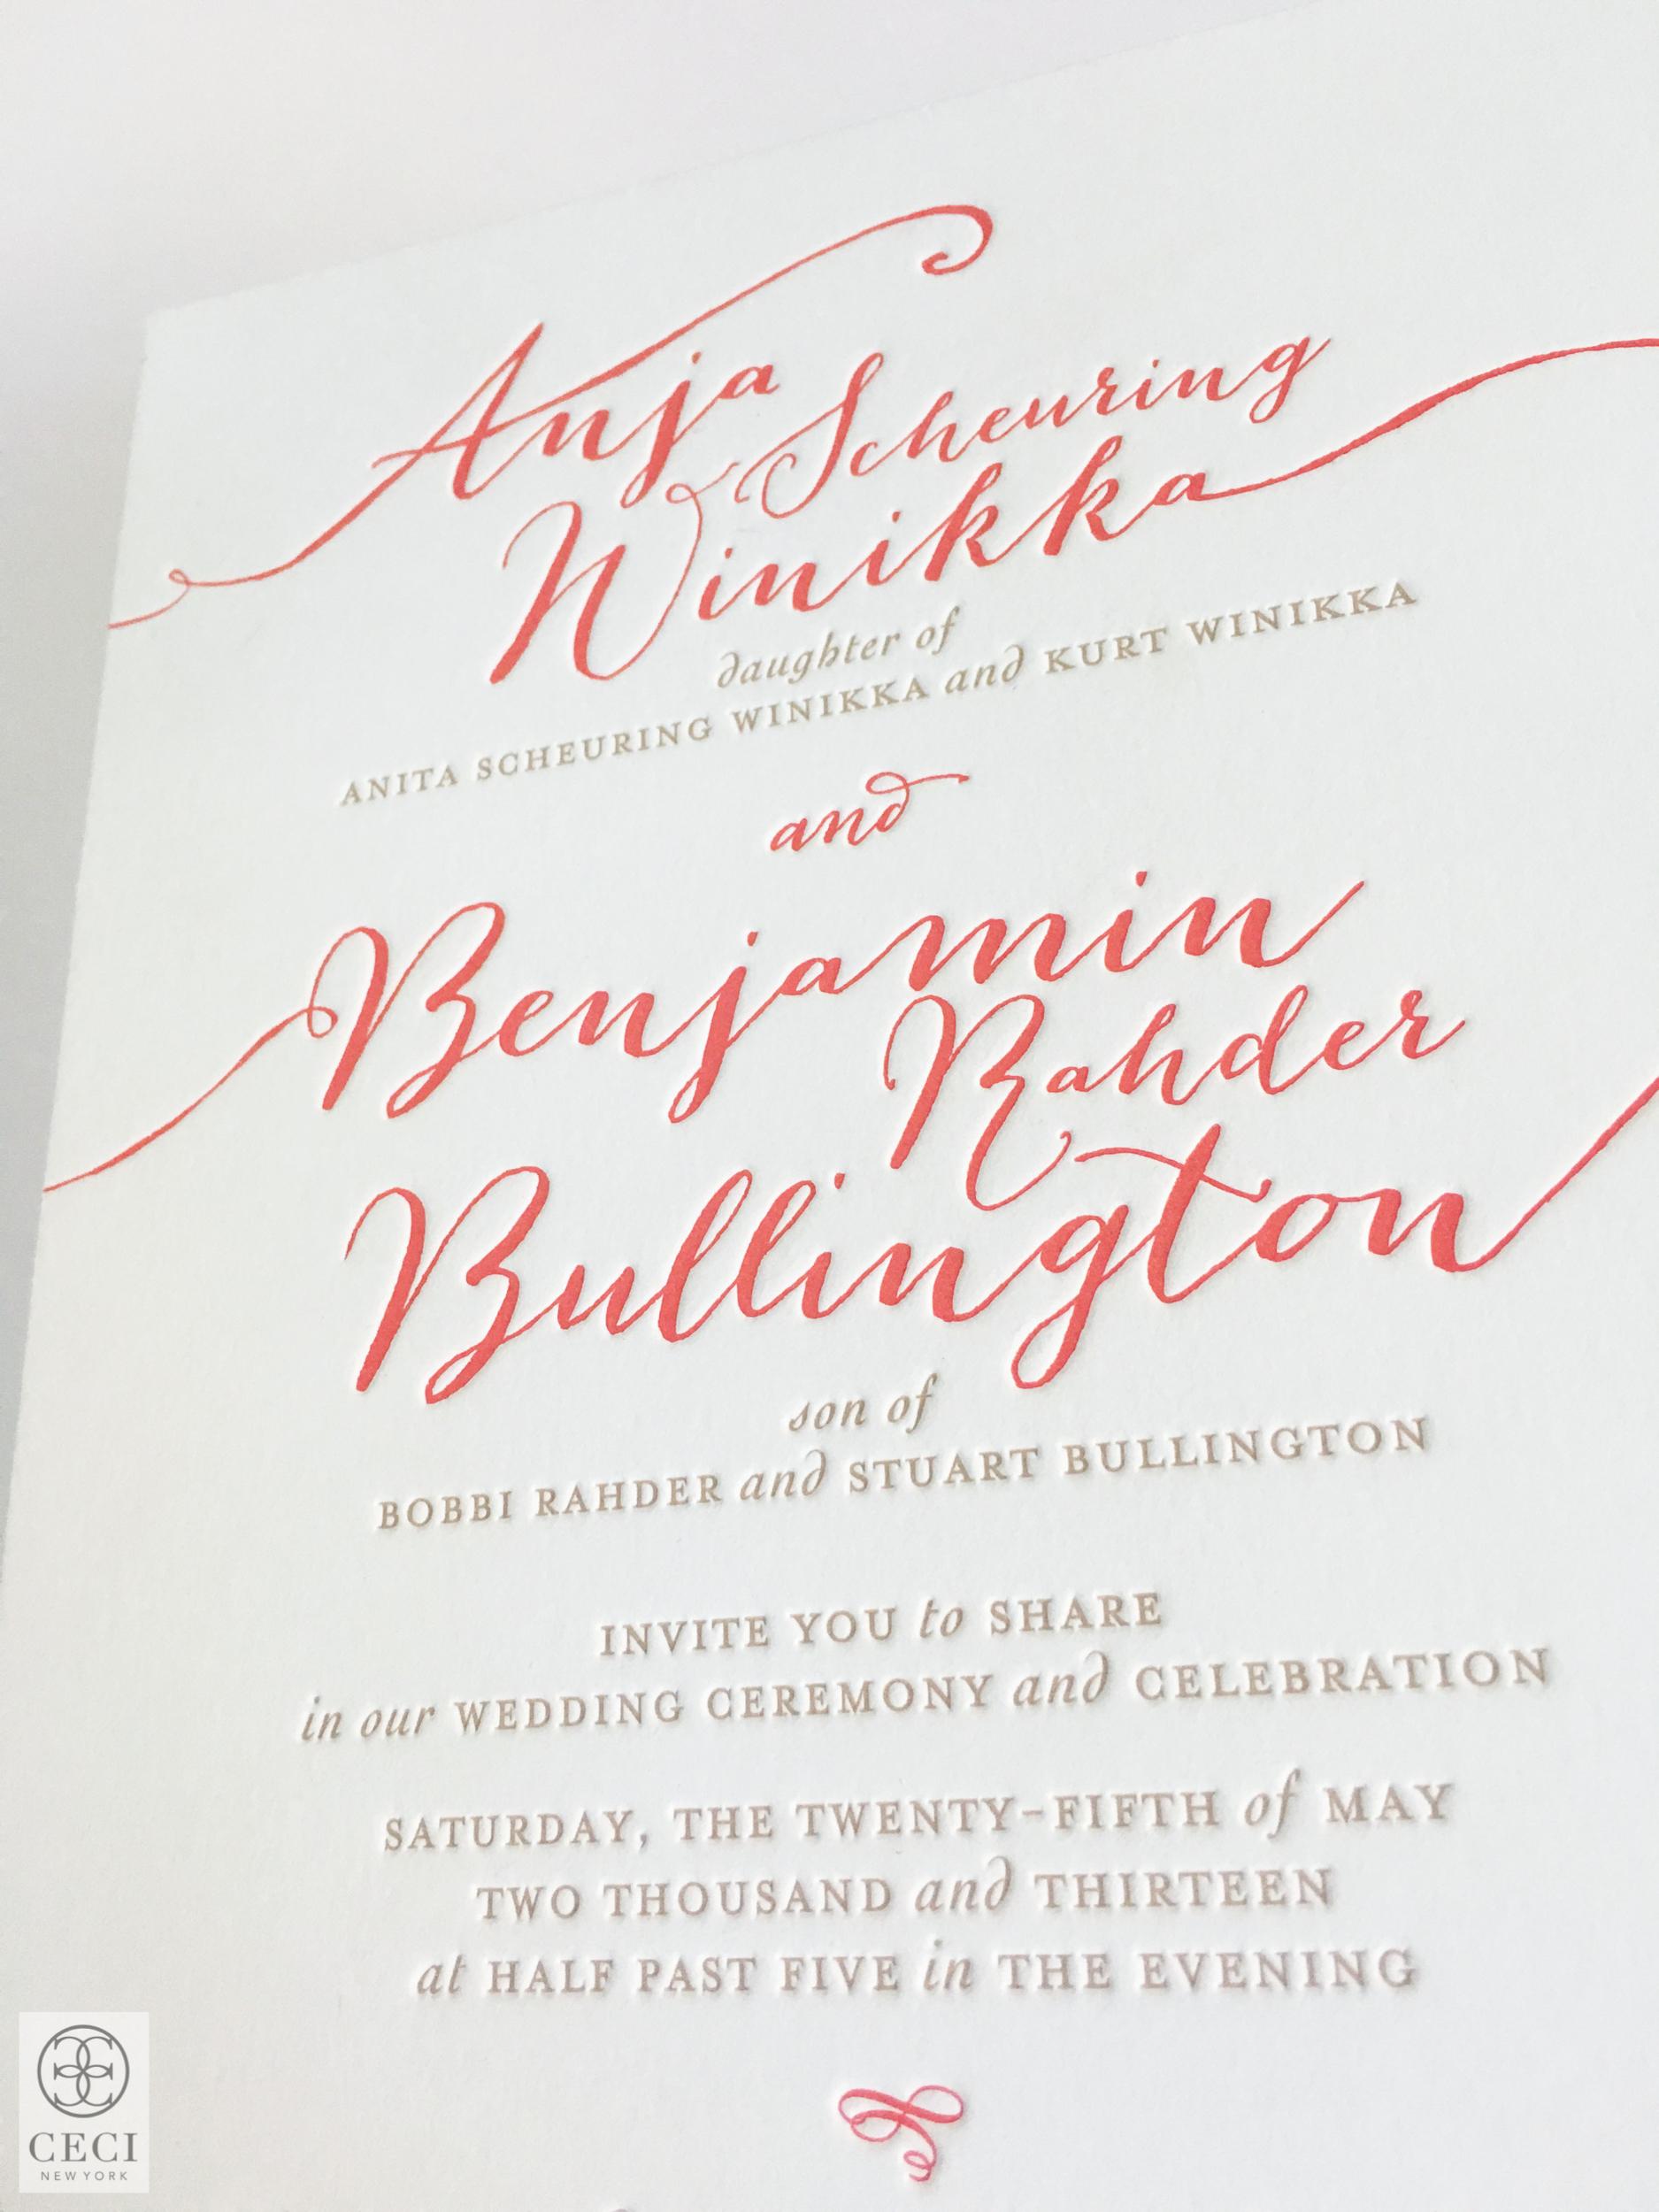 Ceci_New_York_Ceci_Style_Ceci_Johnson_Luxury_Lifestyle_Arizona_Wedding_Watercolor_Inspiration_Design_Custom_Couture_Personalized_Invitations_-18.jpg